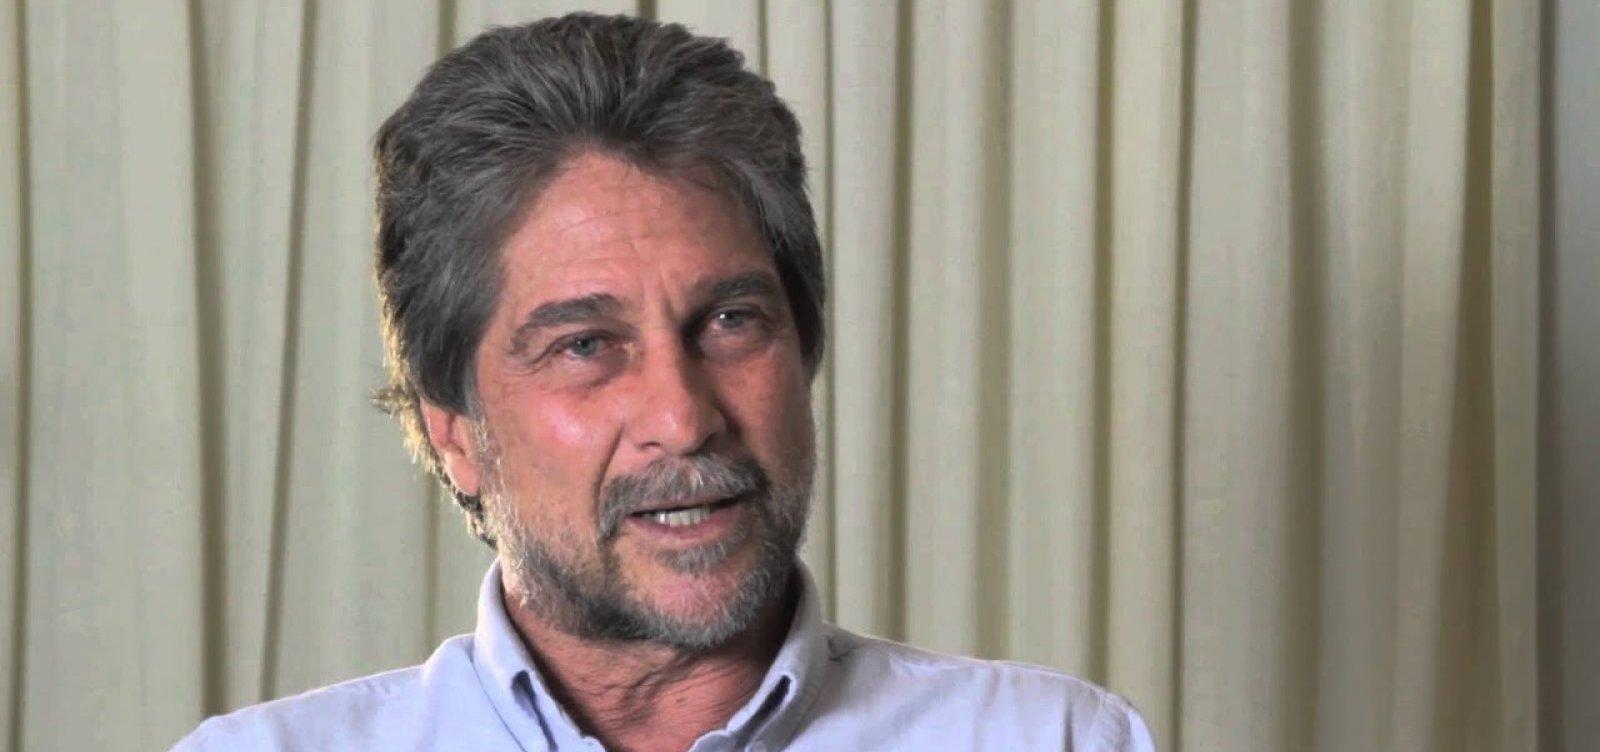 'Príncipe' Joãozinho diz sentir 'pena' do primo Luiz Philippe por se aliar a bolsonaristas